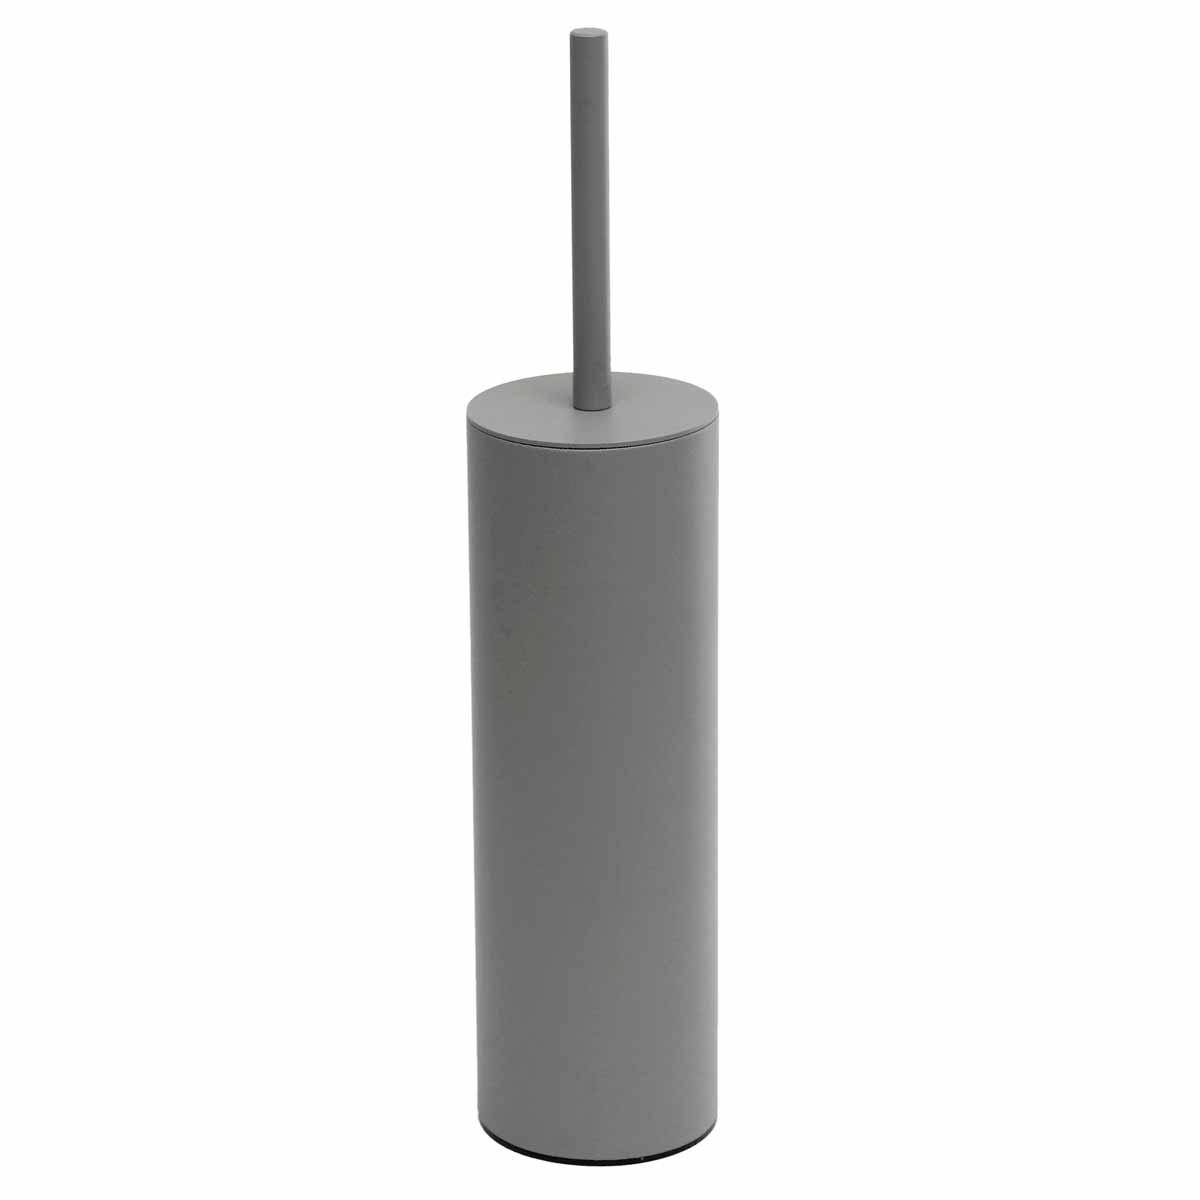 Πιγκάλ Βαρέως Τύπου PamCo 716 Concrete Grey Matte